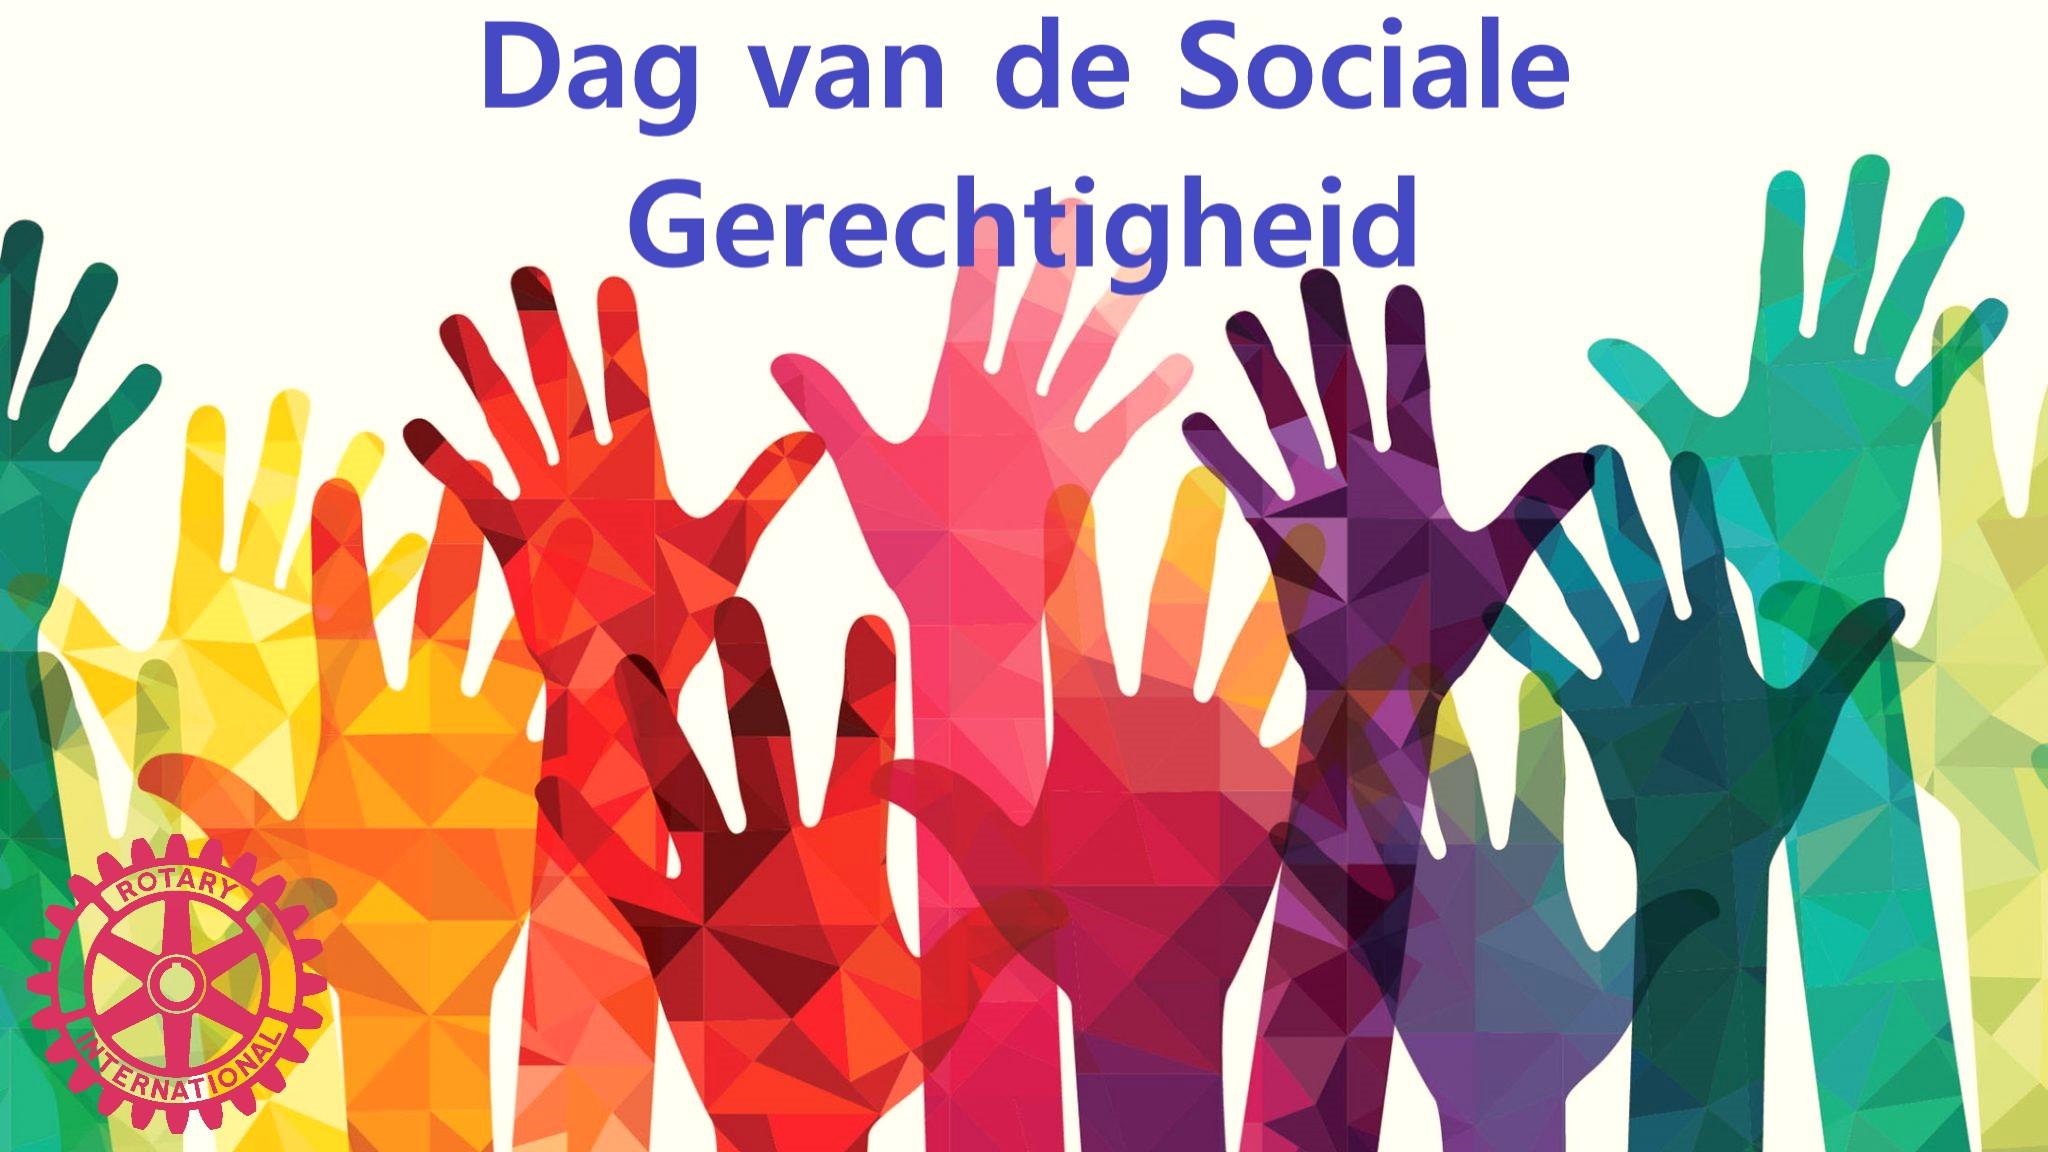 Internationale Dag van de Sociale Gerechtigheid – 20 februari